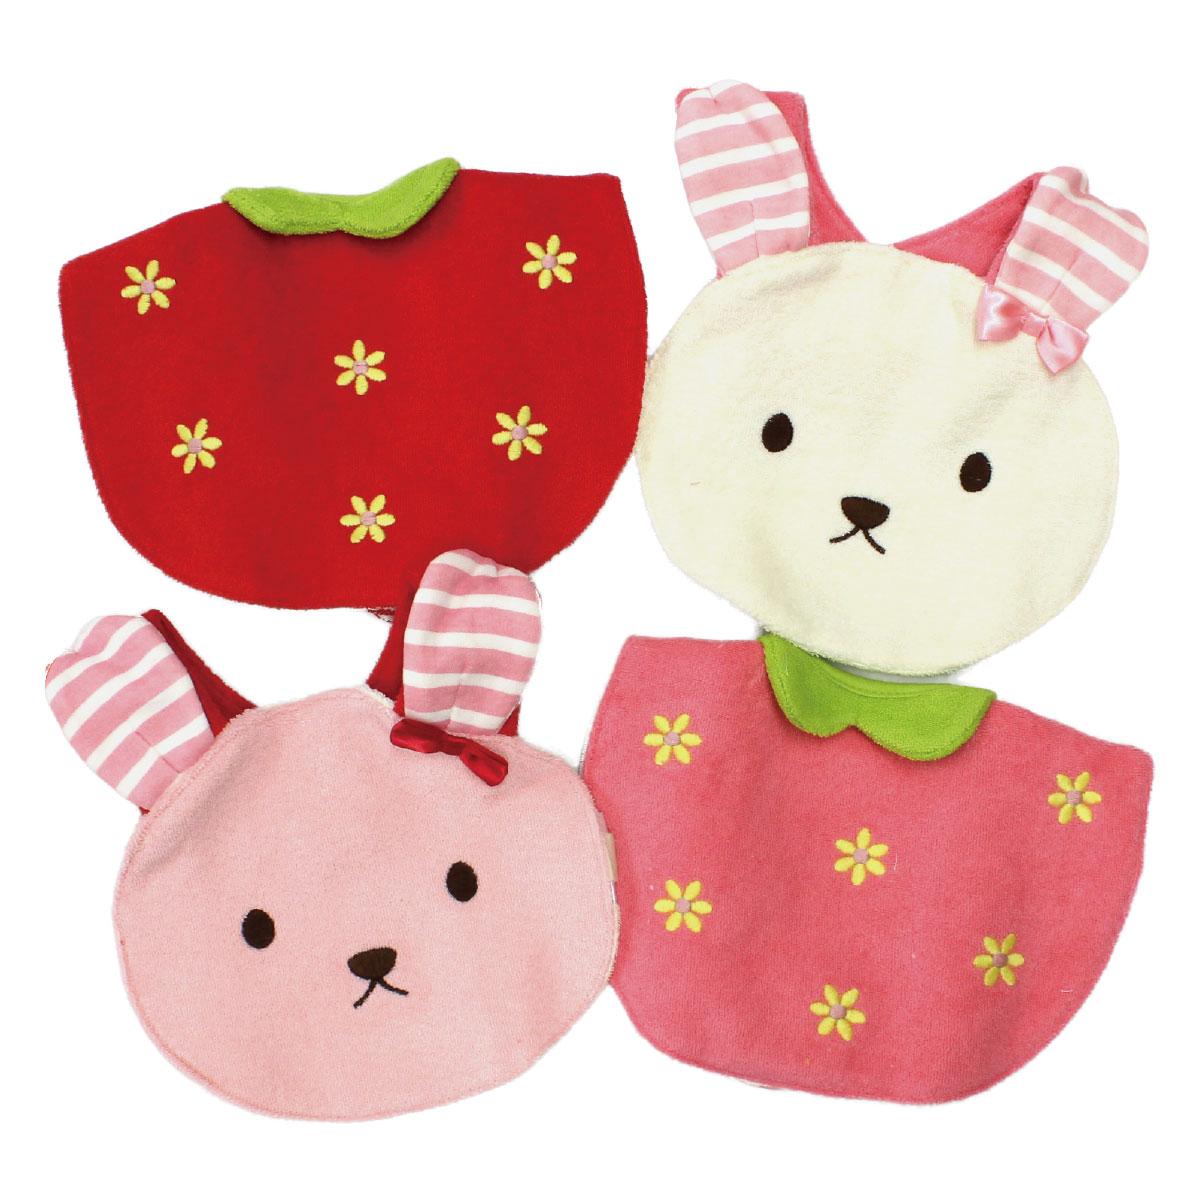 【ネコポス対応】【SiShuNon/エスケープ】ウサギイチゴスタイセット ベビー 女の子 2枚セット スタイ ギフト 出産祝い ヒブ パイル アニマル フルーツ ピンク 花